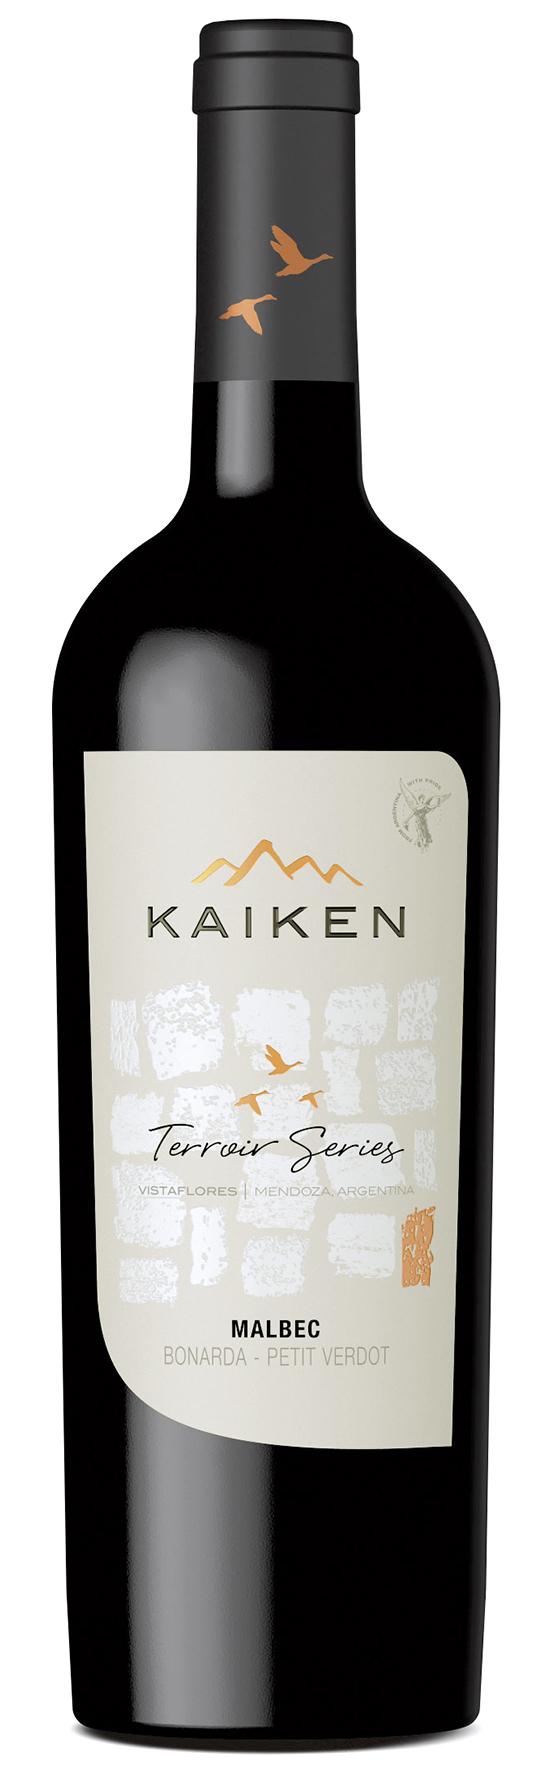 Kaiken Terroir Series Malbec 2018